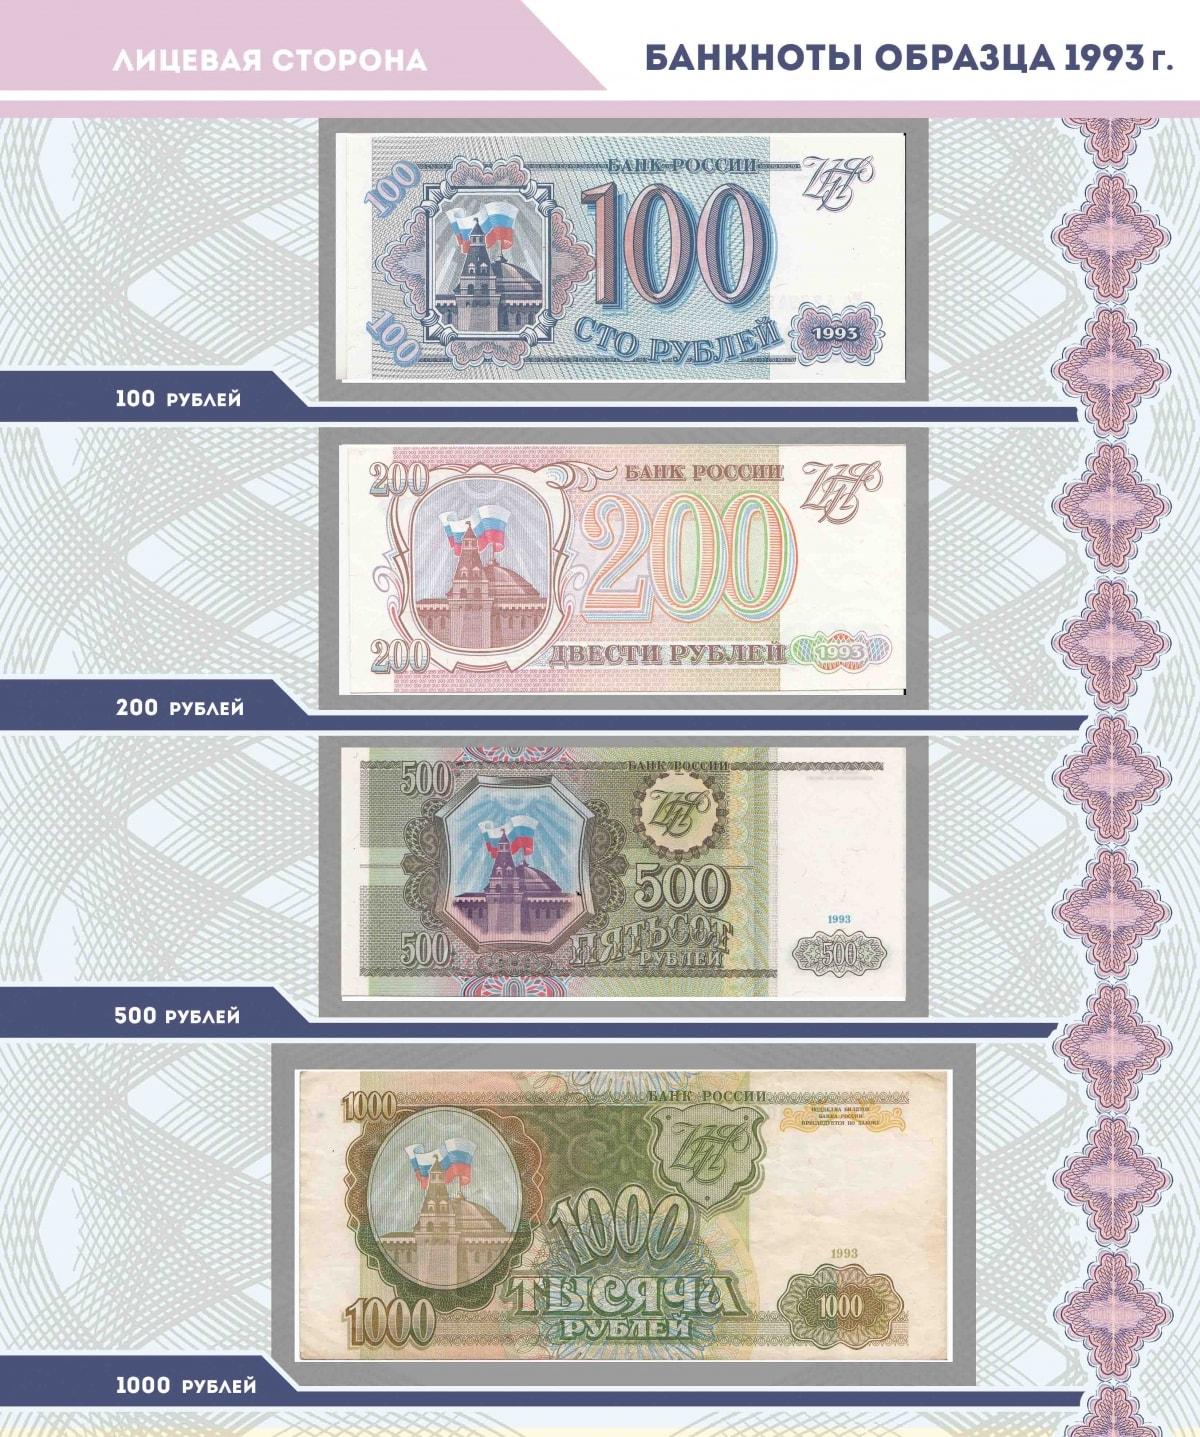 Альбом для банкнот яндекс дорогие иконы цена